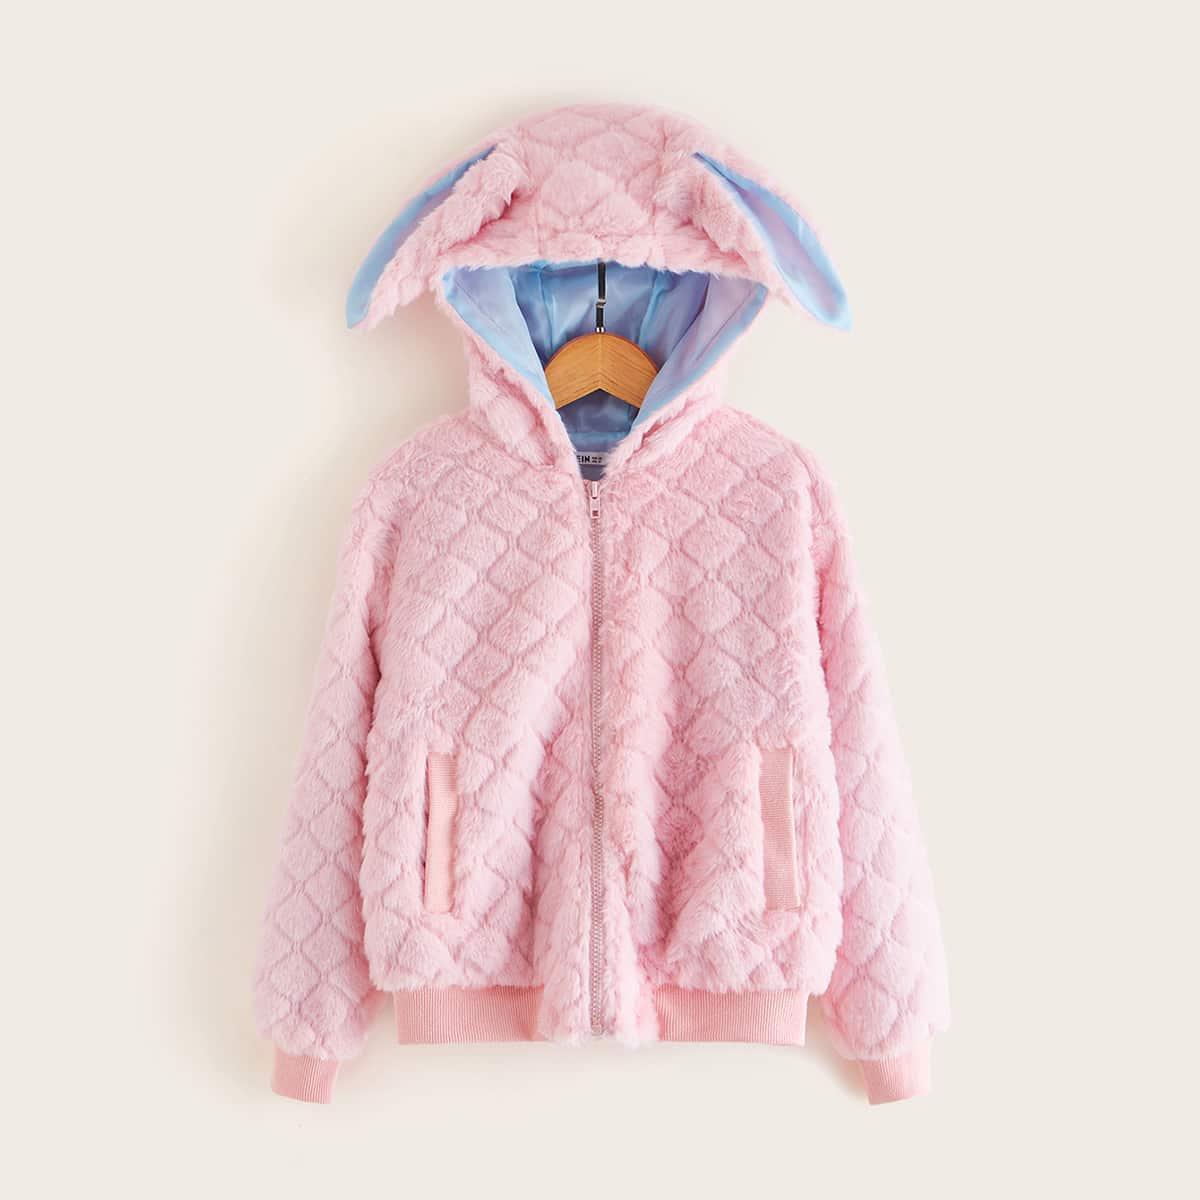 Куртка из искусственного меха с капюшоном в форме ушей кролика 3D для девочек от SHEIN